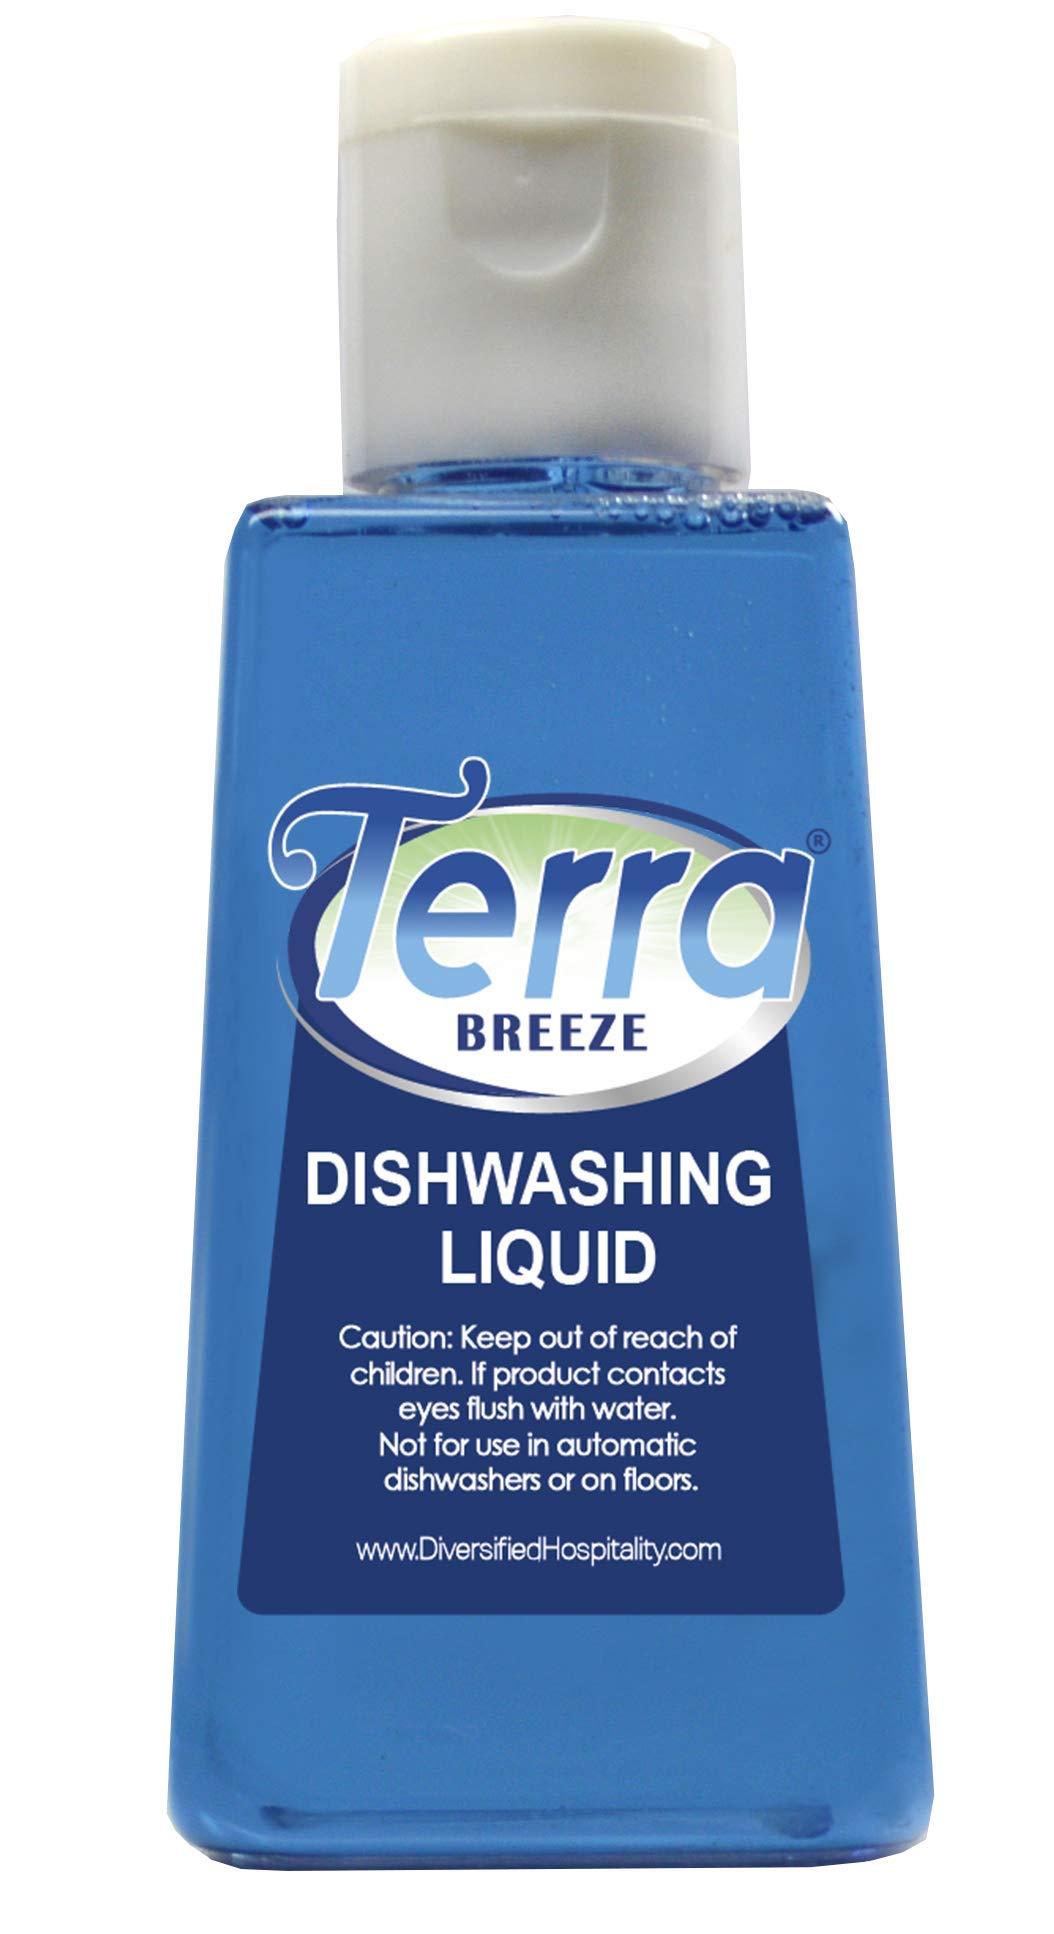 Terra Breeze Tiny Dish Soap Detergent, 1.6 oz (Case of 144)